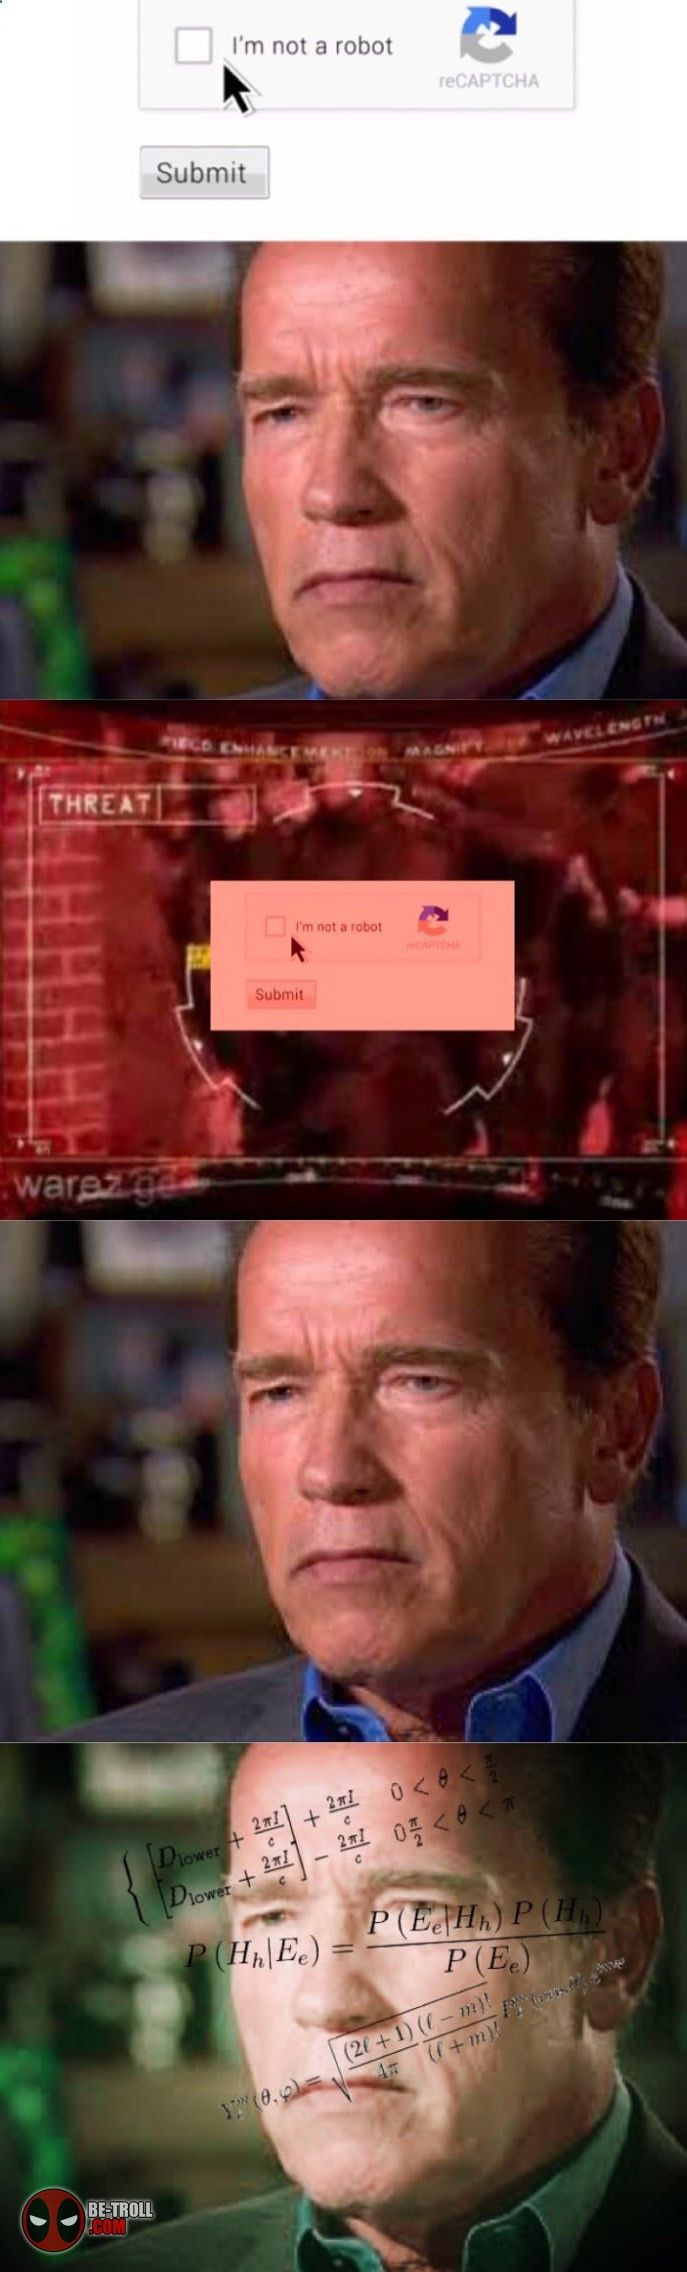 Difficile à dire... - Be-troll - vidéos humour, actualité insolite → → → http://www.diverint.com/imagenes-con-humor-modas-estupidas-definicion-grafica